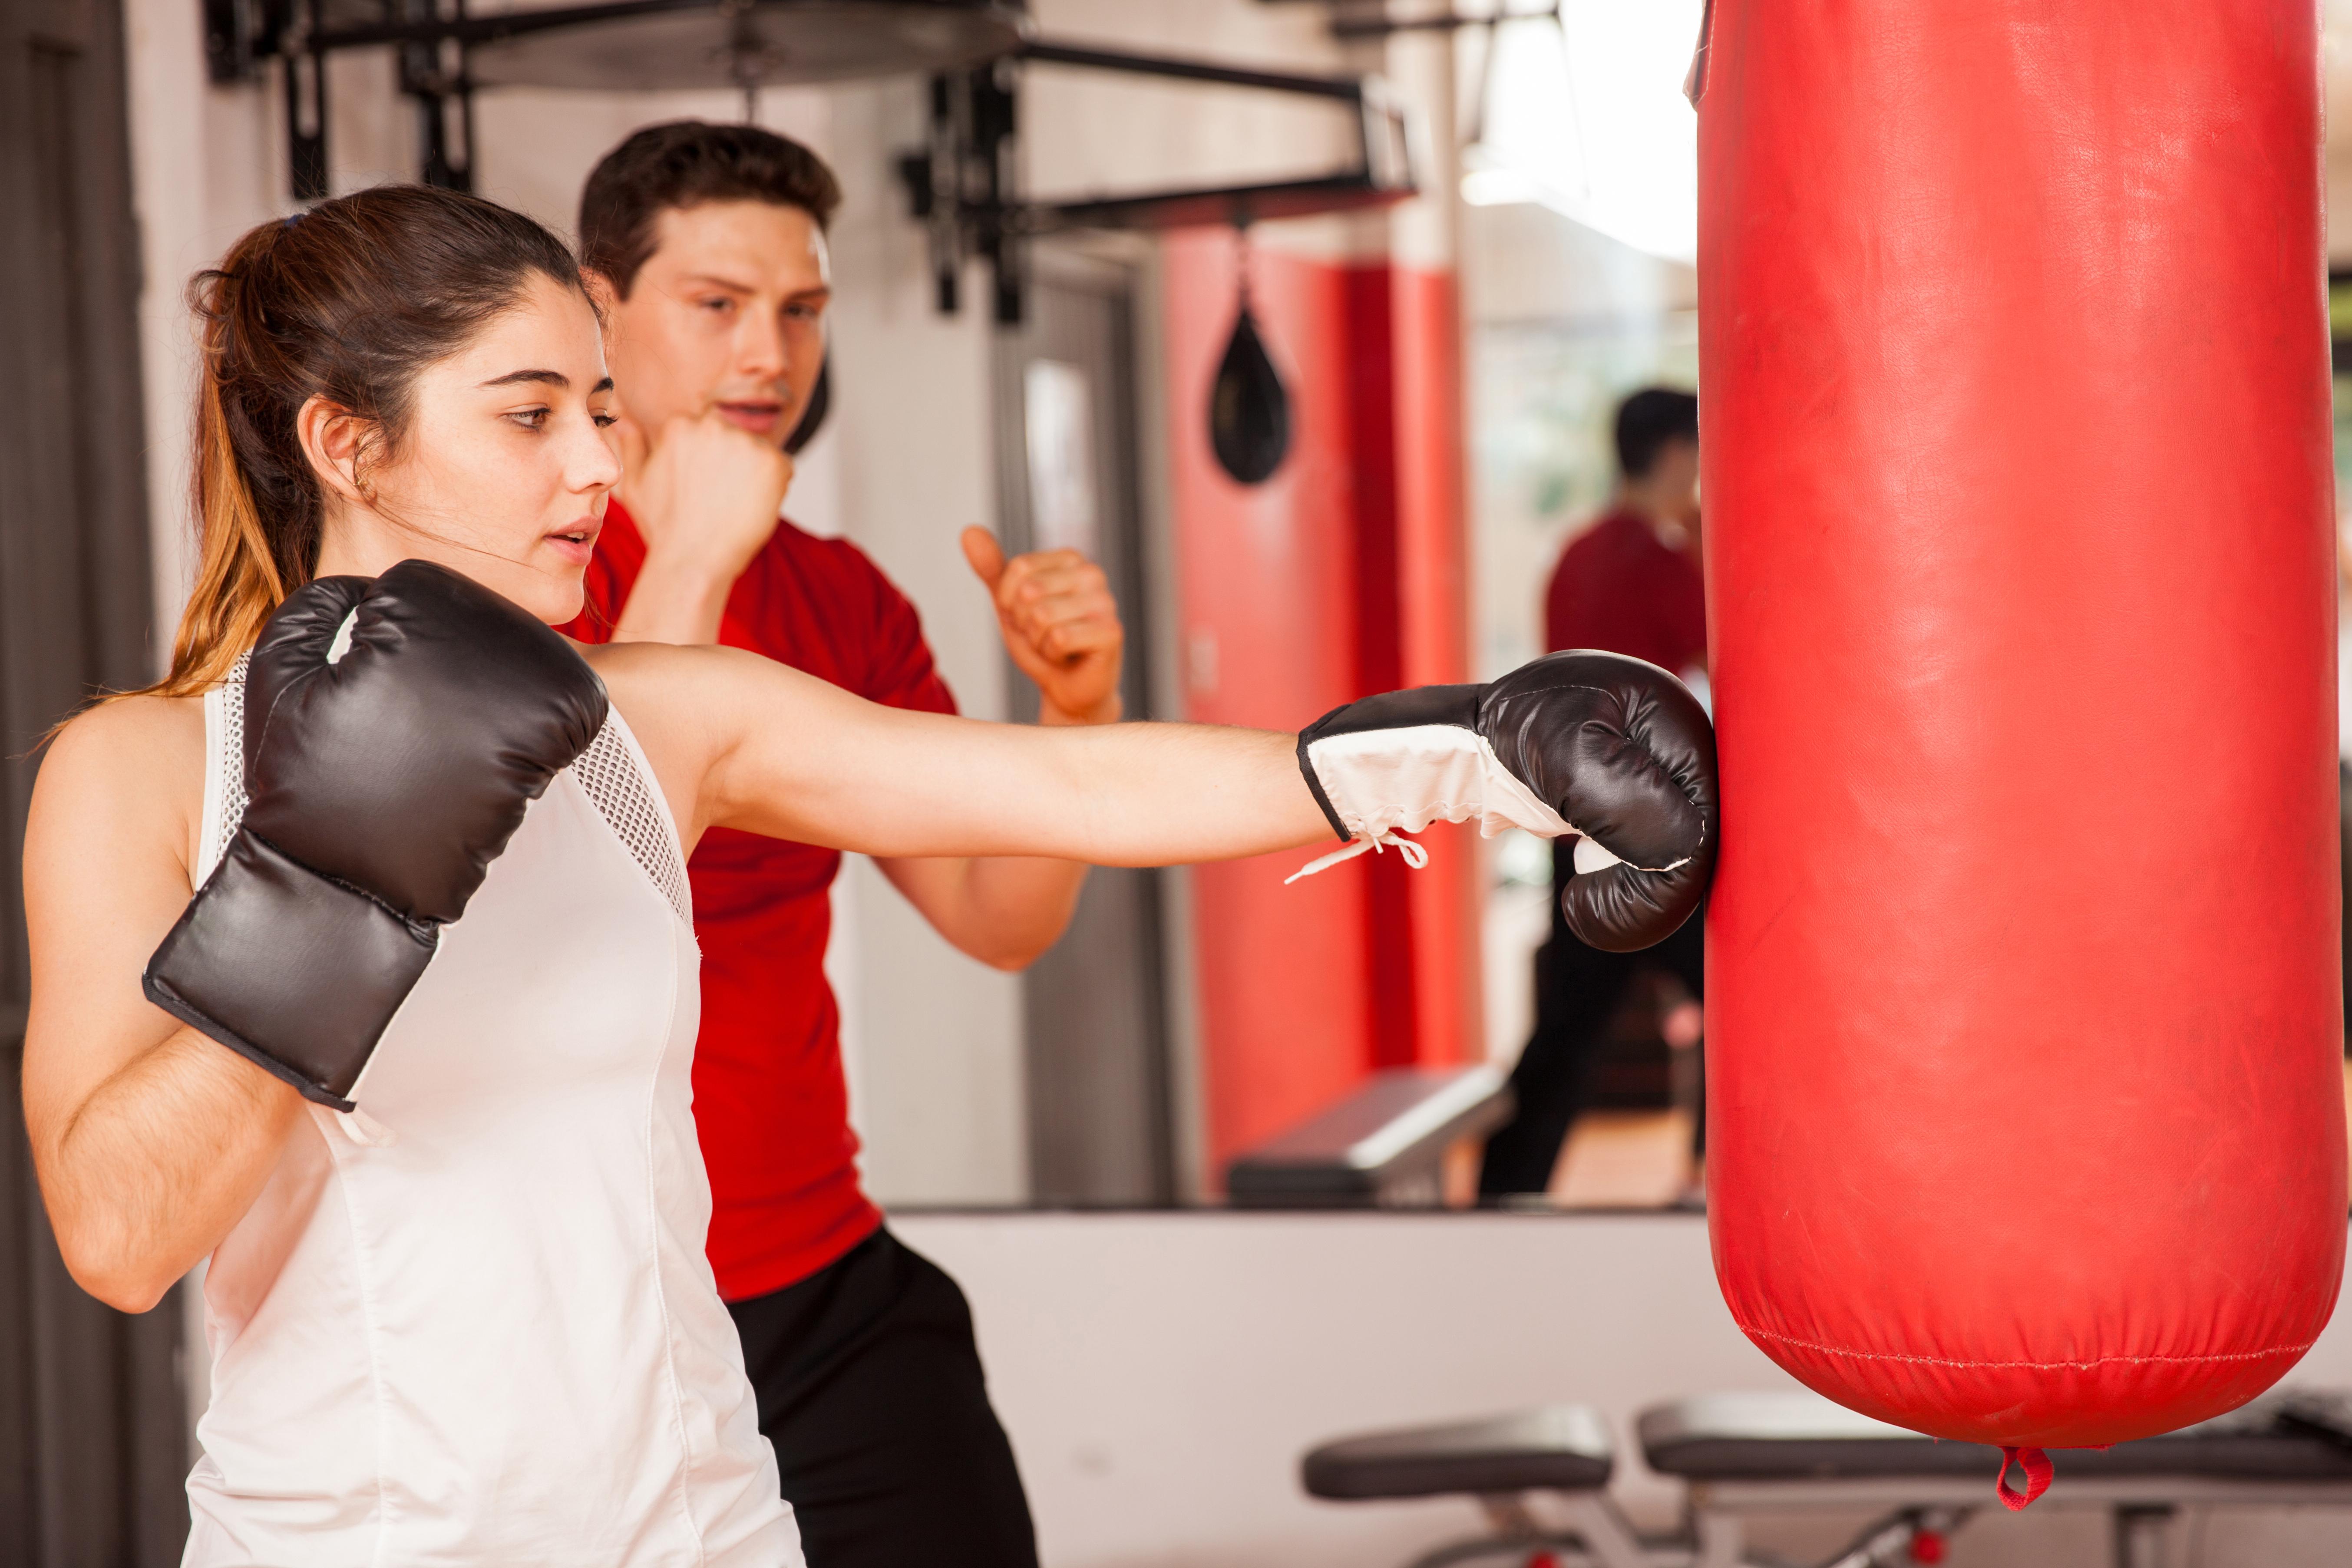 Види і особливості ударів в особливому спорті: поради для дівчат, які займаються боксом